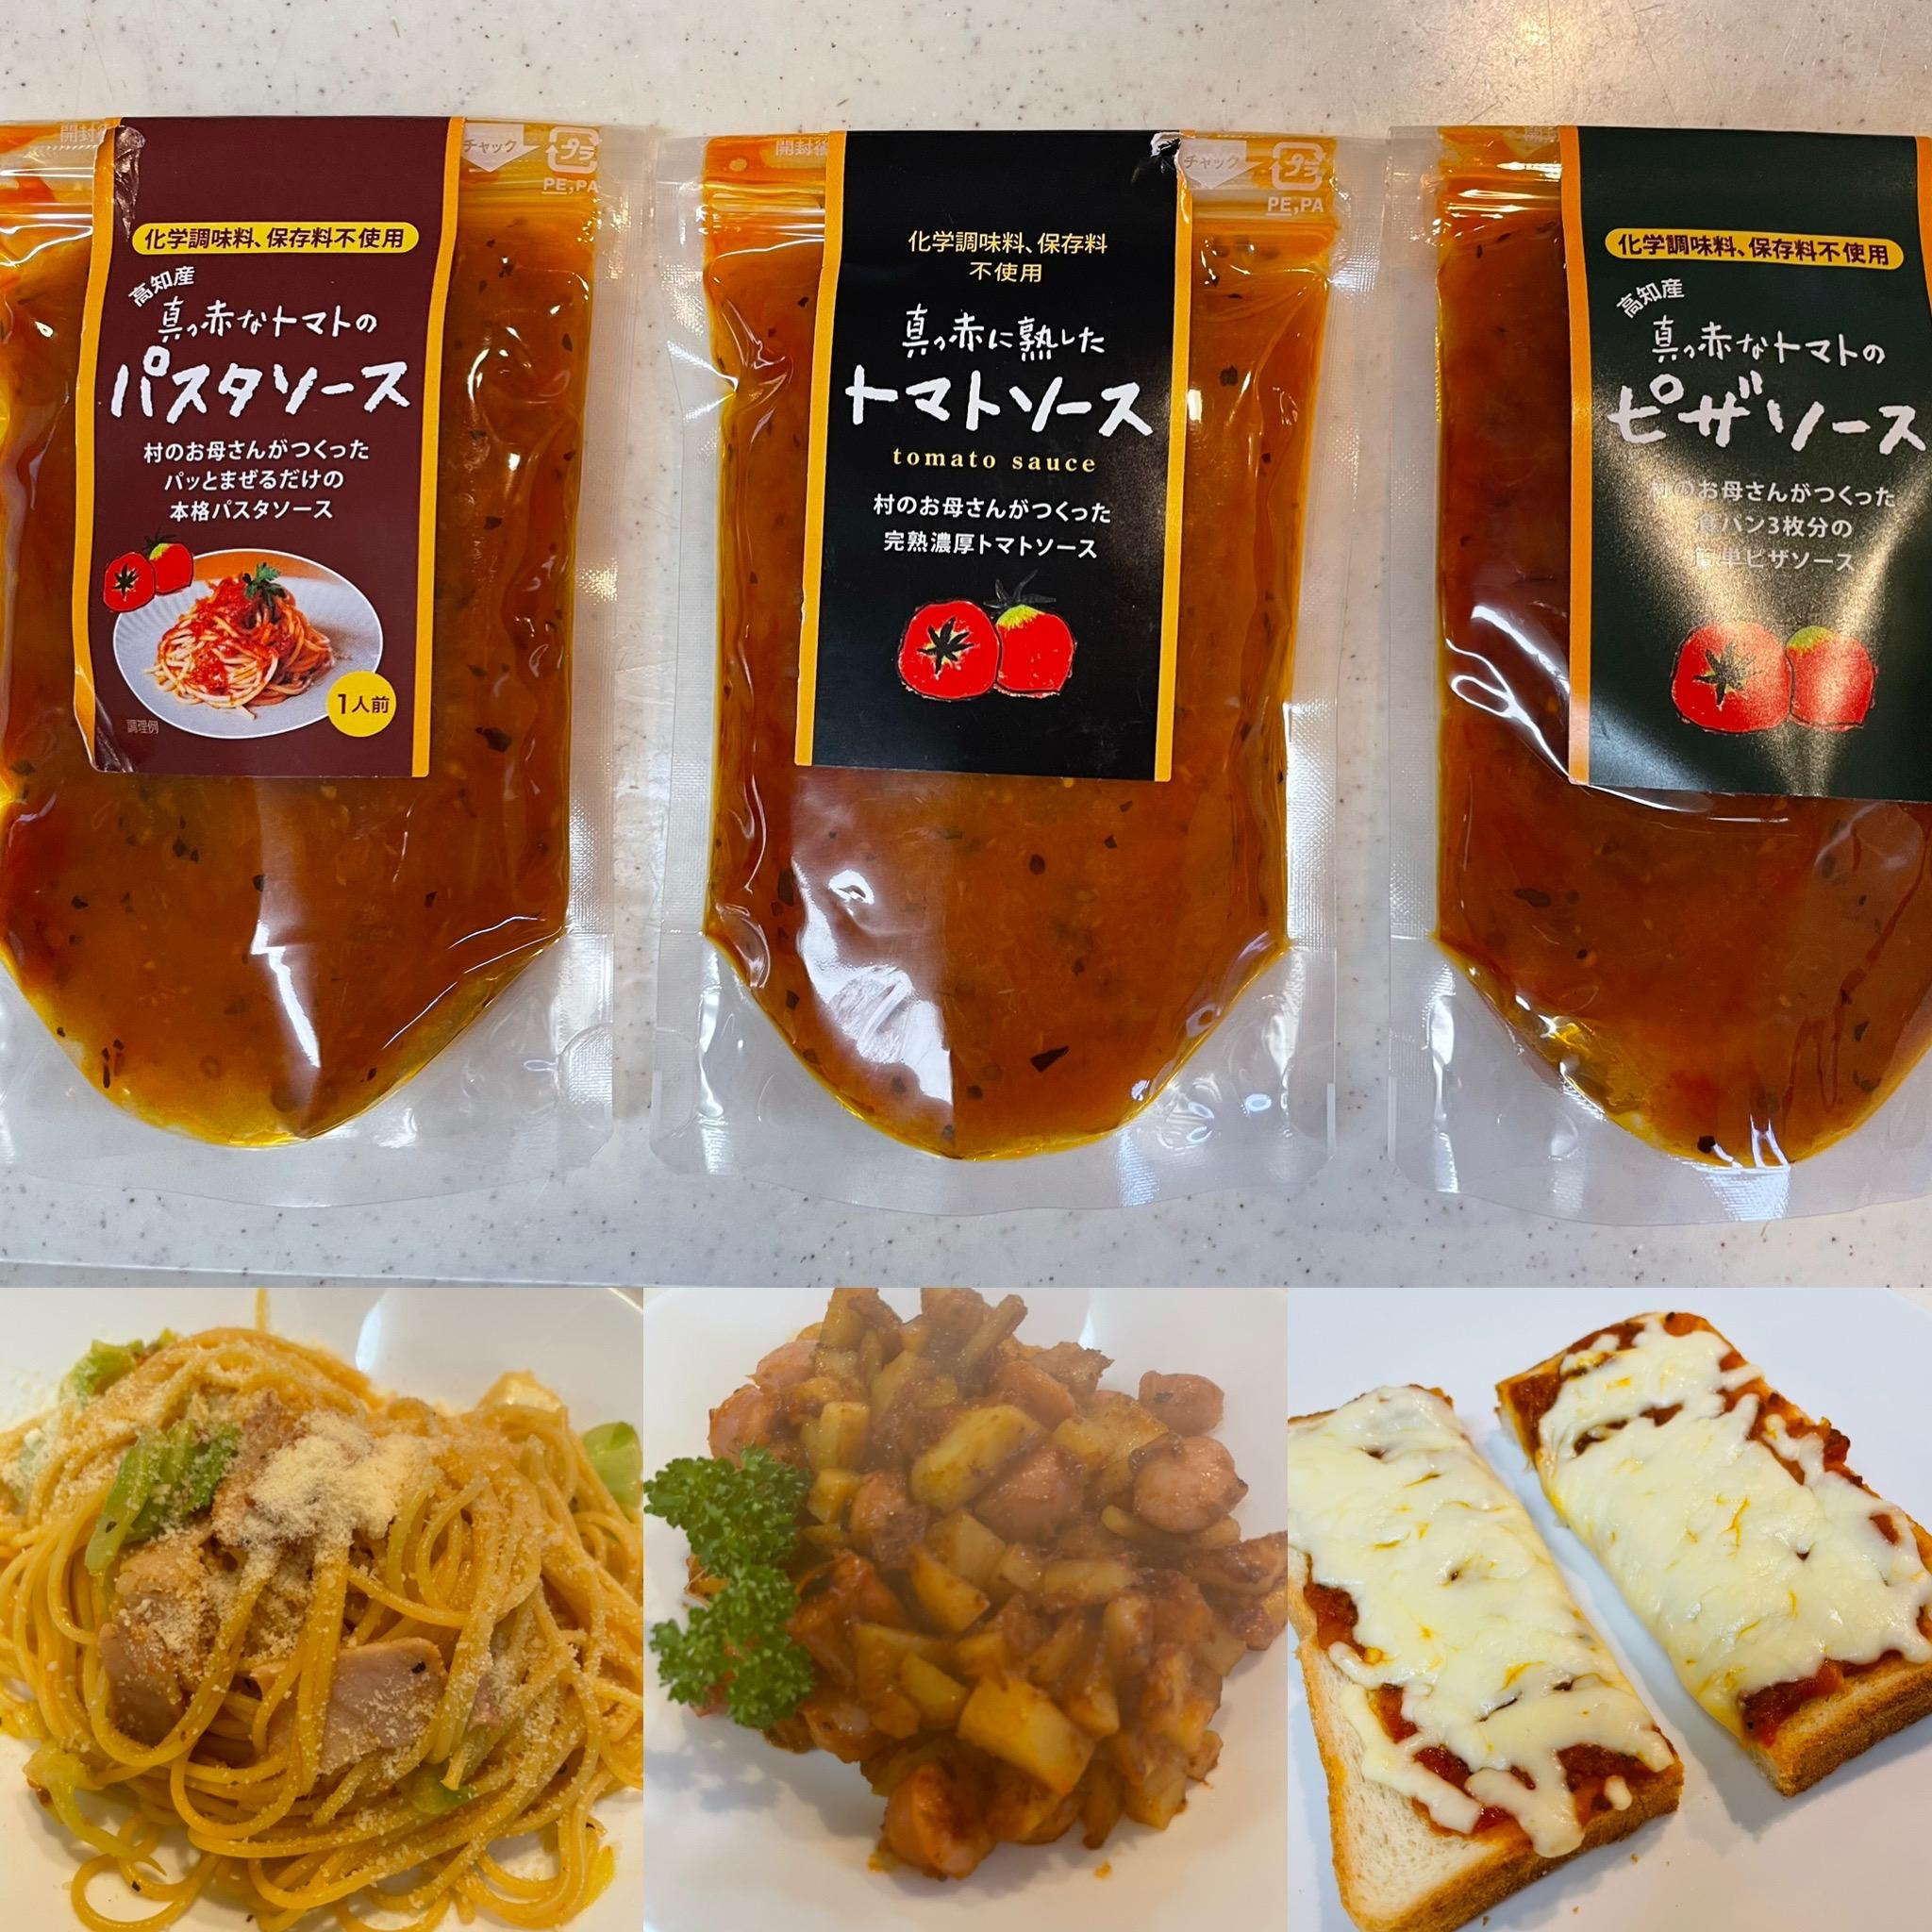 高知県日高町わのわ会トマトソースで作った料理が絶品すきた!